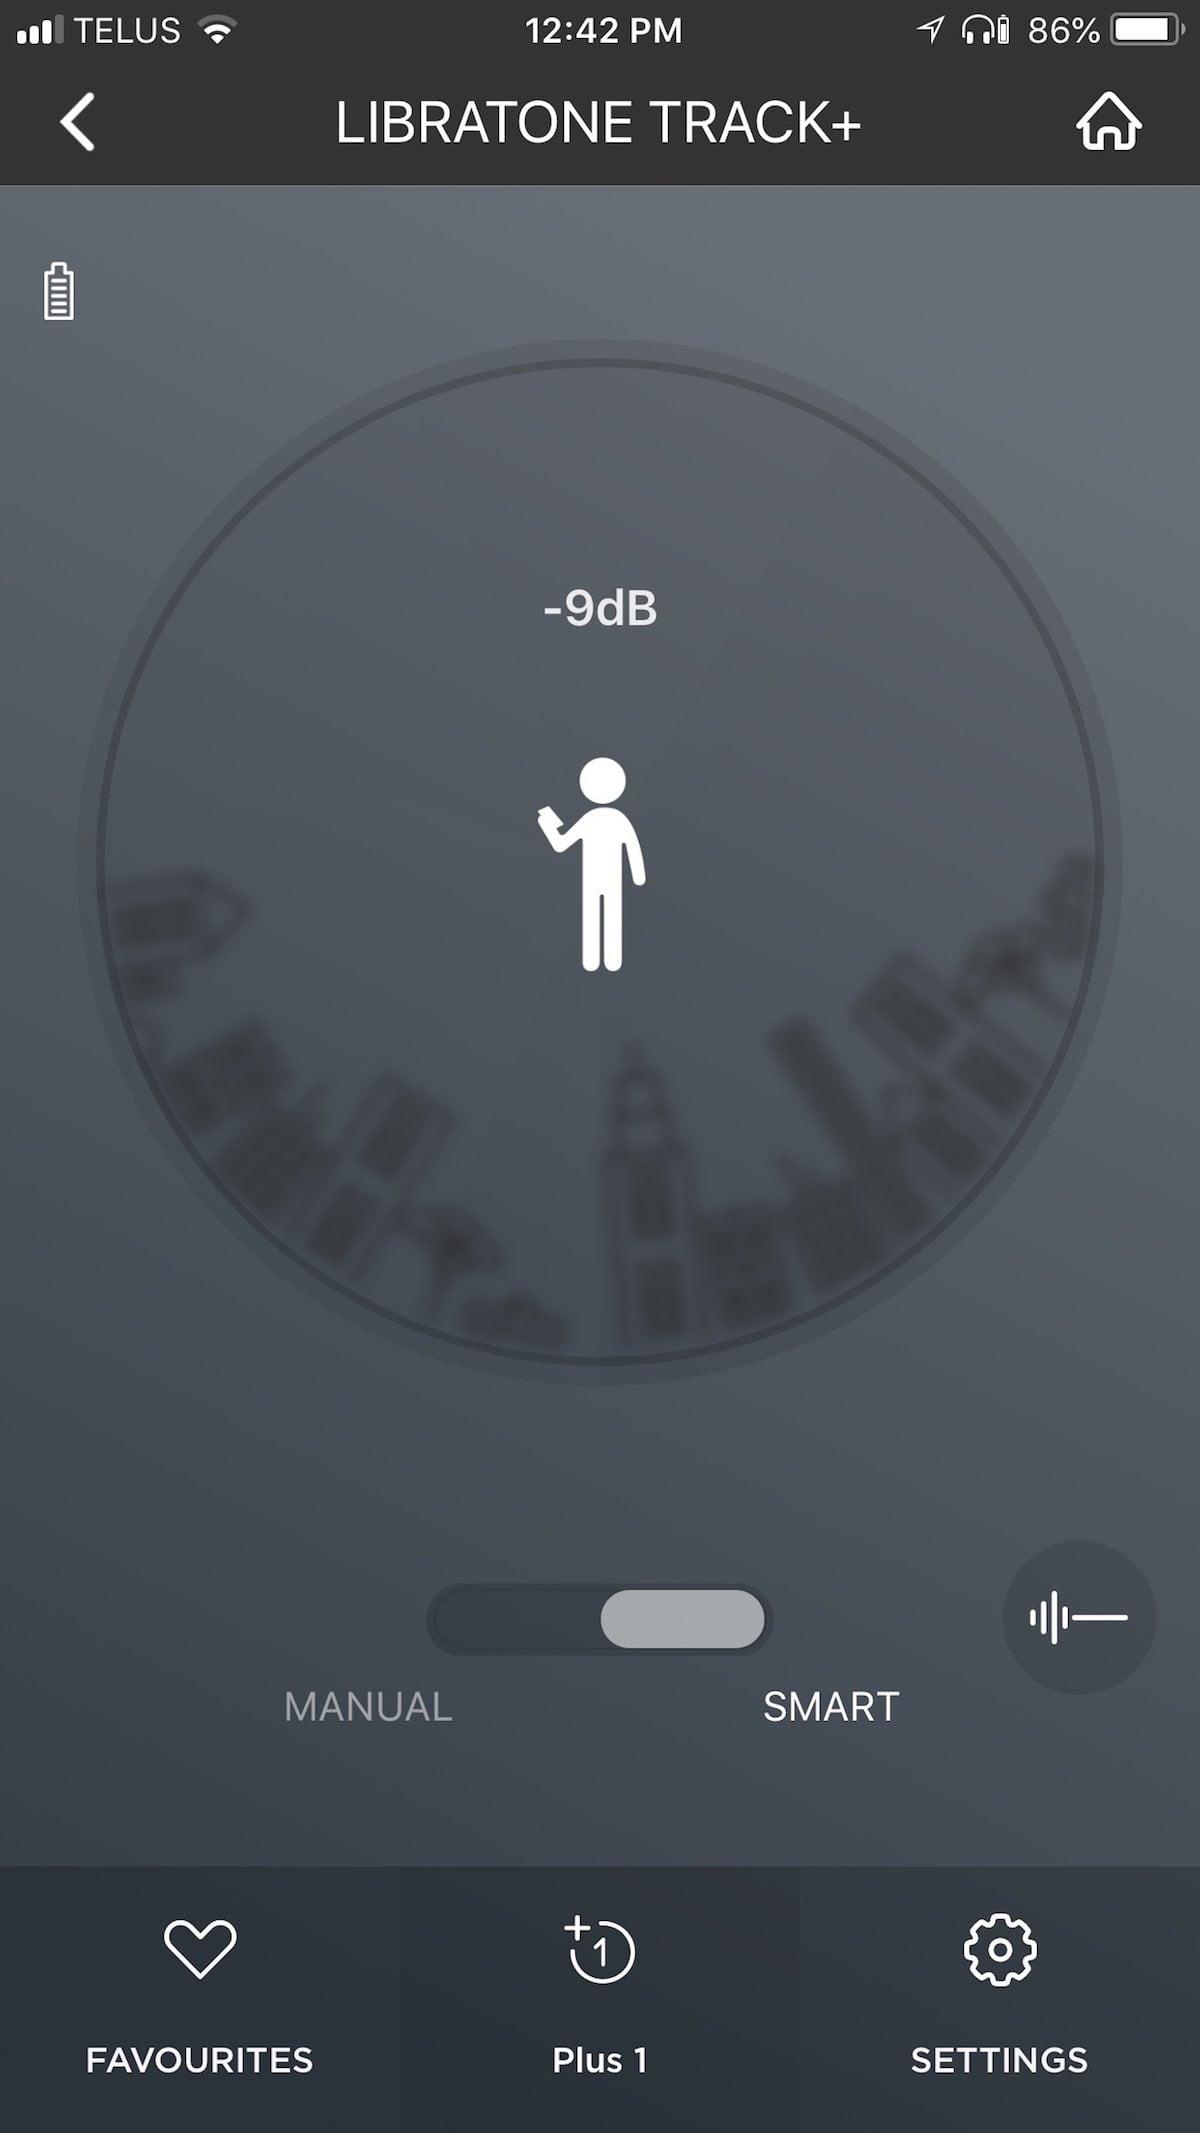 Libratone Track+ review